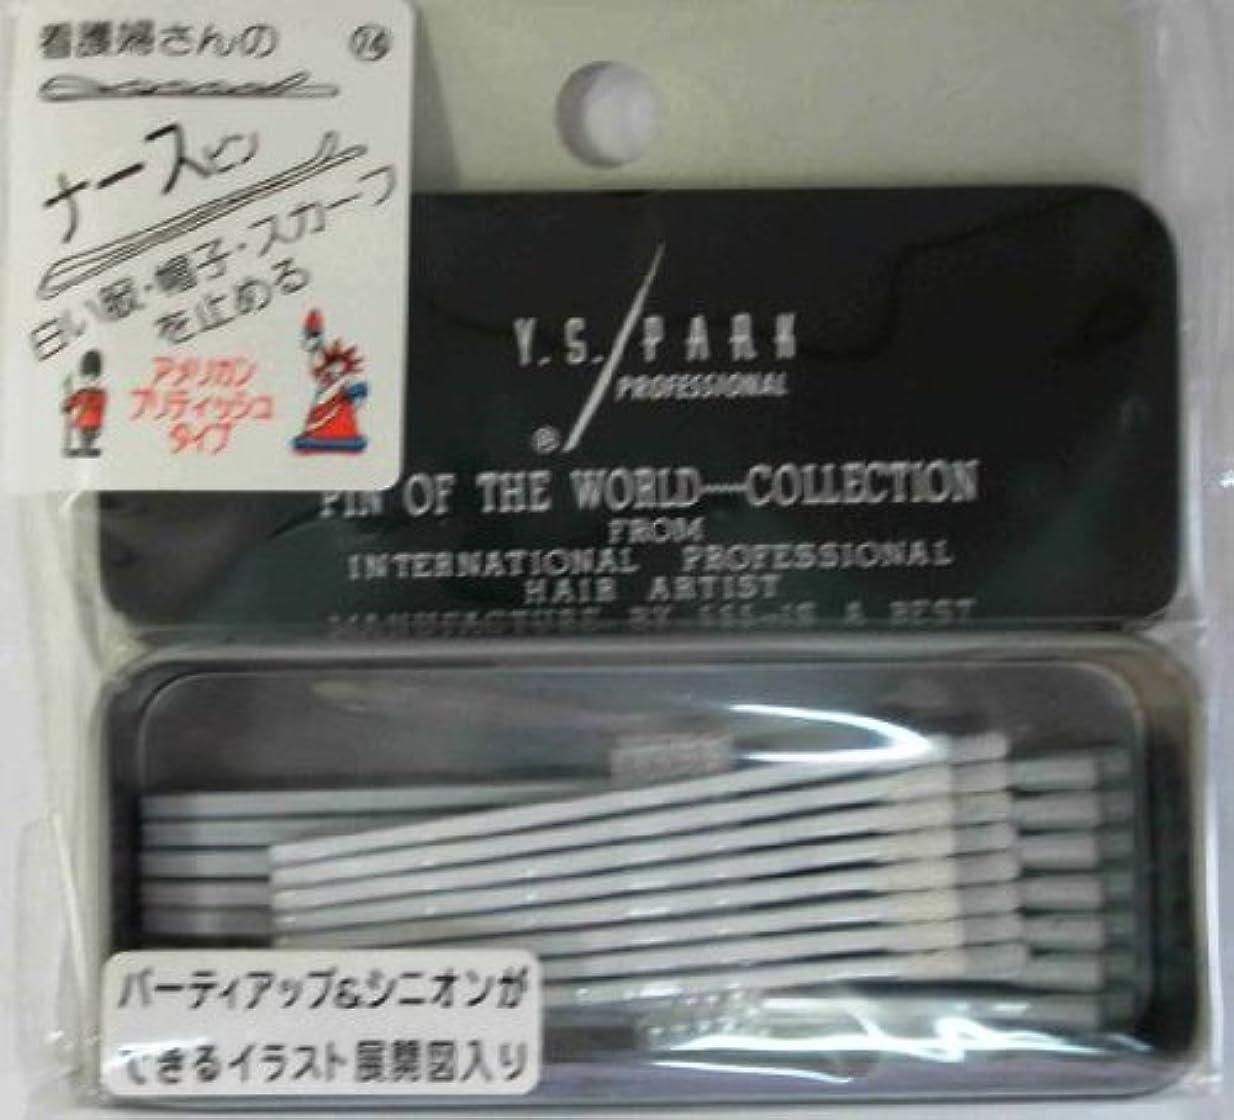 Y.S.PARK世界のヘアピンコレクションNo.74(白)アメリカンブリティッシュタイプ15P